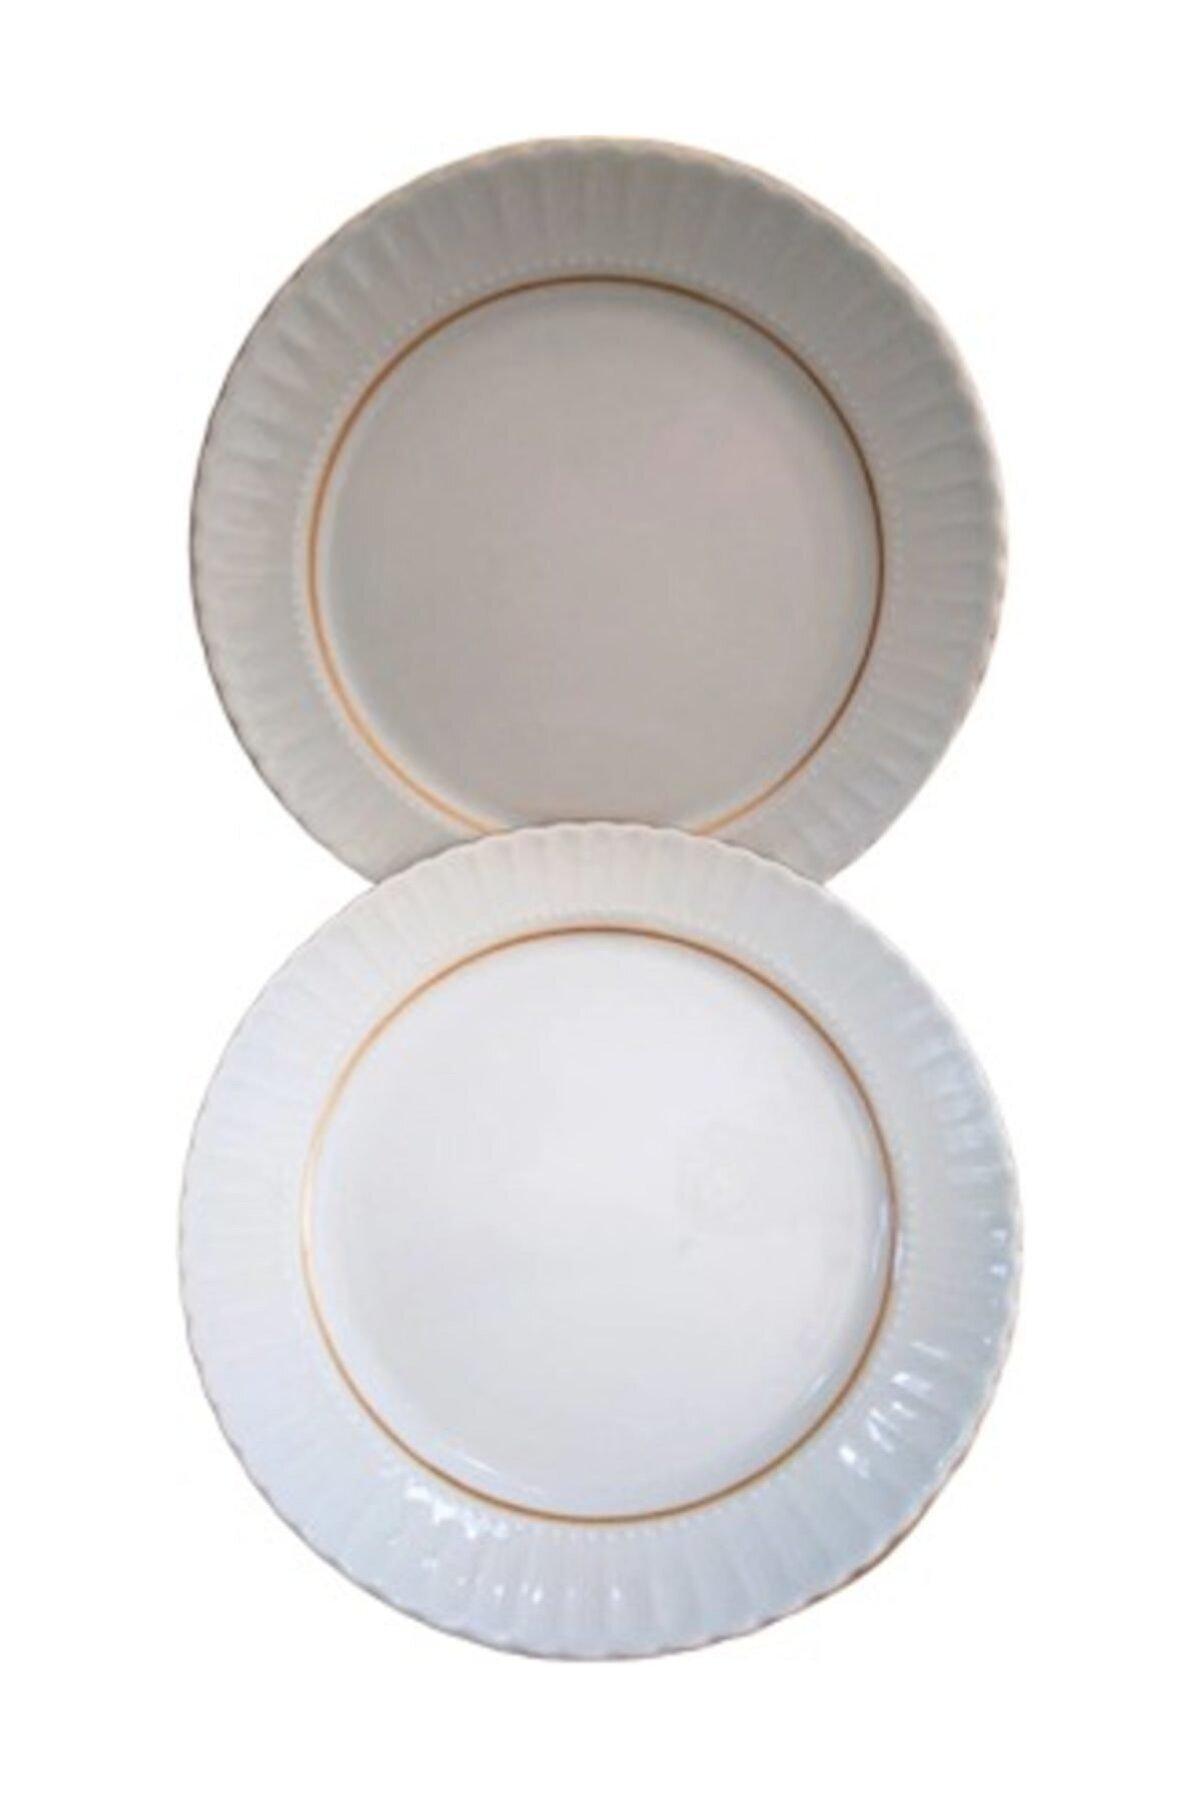 Kütahya Porselen Servis Tabağı, Yaldızlı Tabak, 6 Lı 25 cm